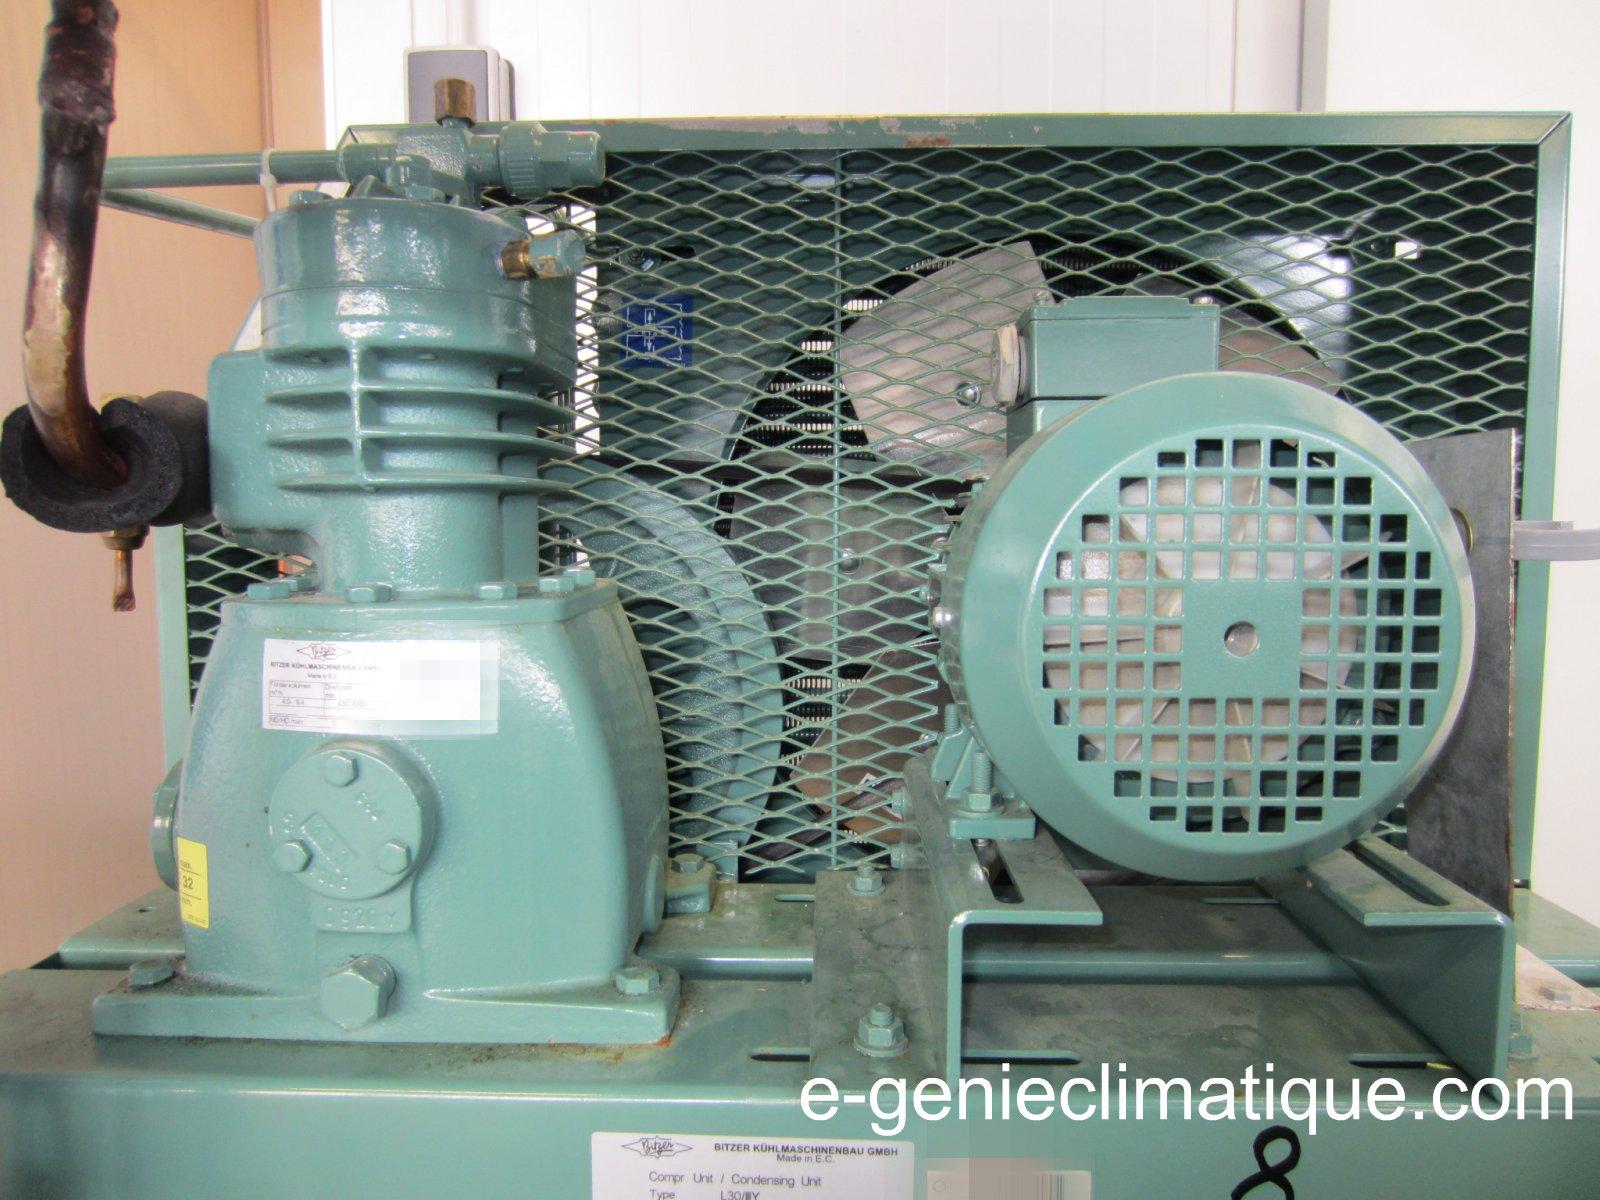 FEDSJUIHYG Remplacement Compresseur R/égulateur Monophas/é Jauges Vanne Darr/êt Heavy Duty Air Manostat Compresseur Dair R/égulateur